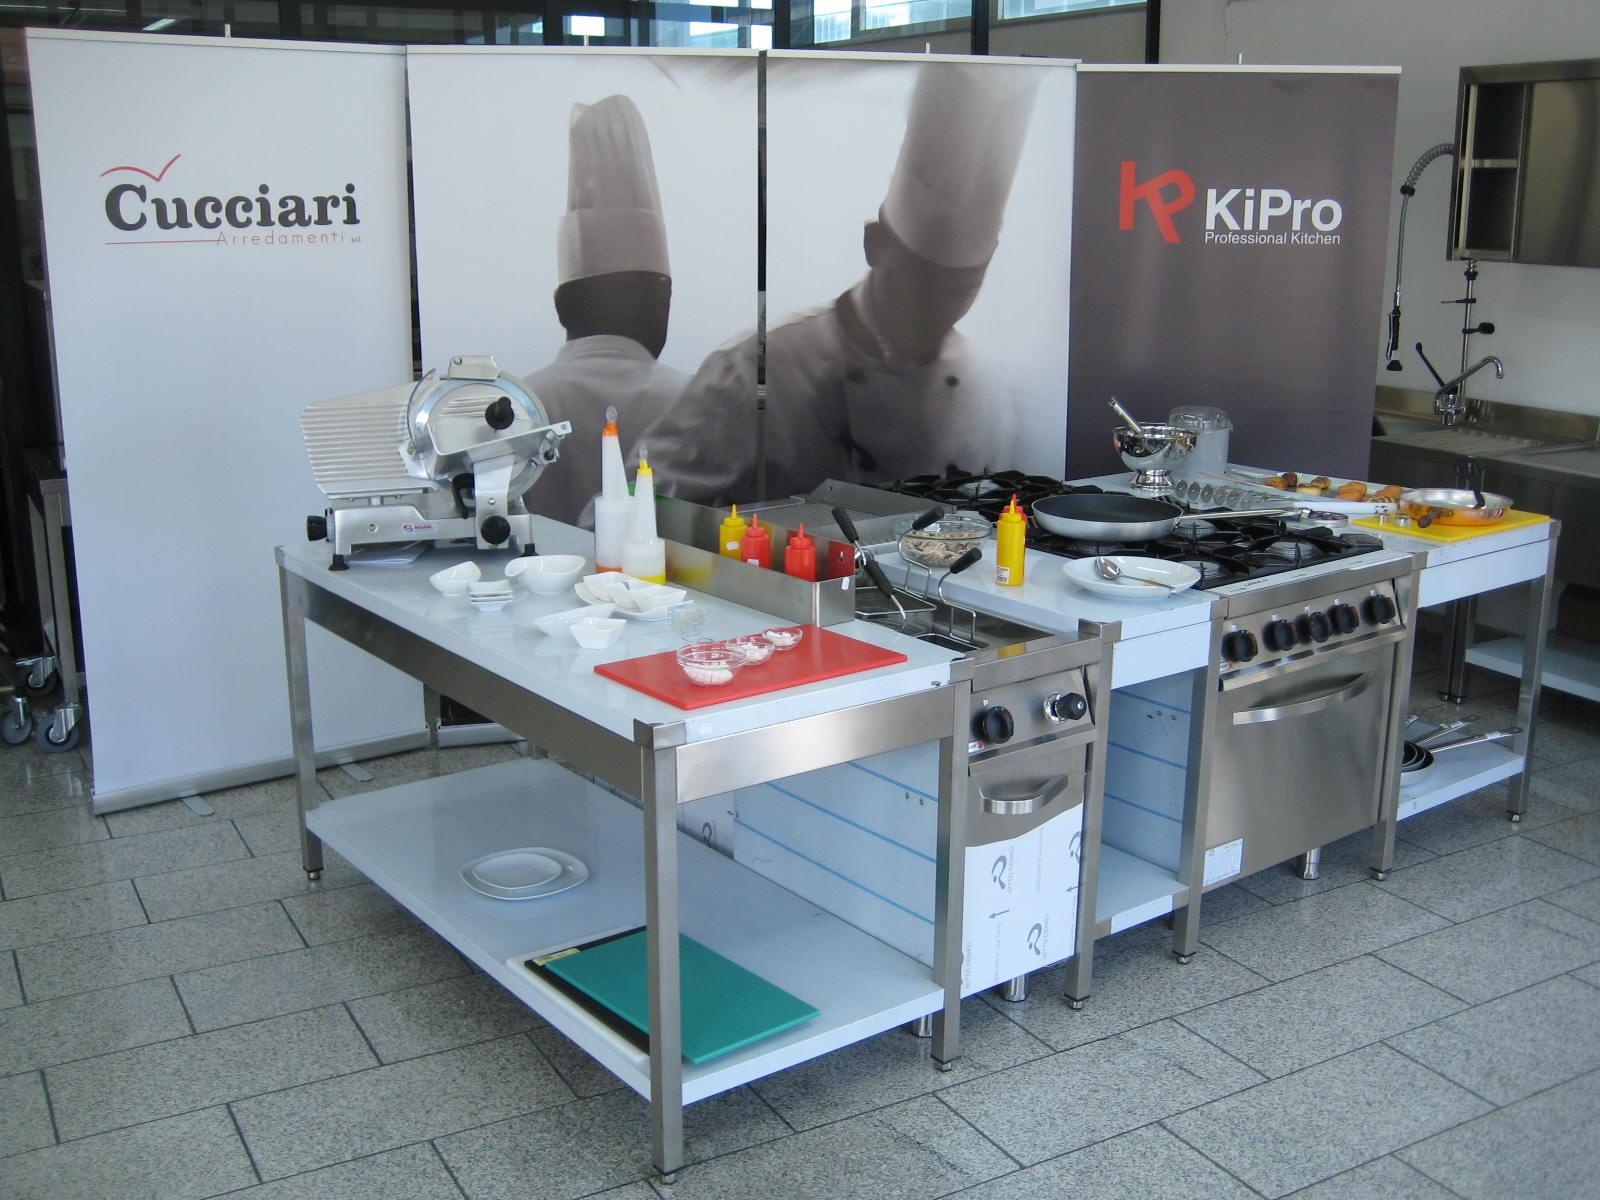 Cucine professionali kipro point cucciari arredamenti sardegna - Cucine industriali usate ...